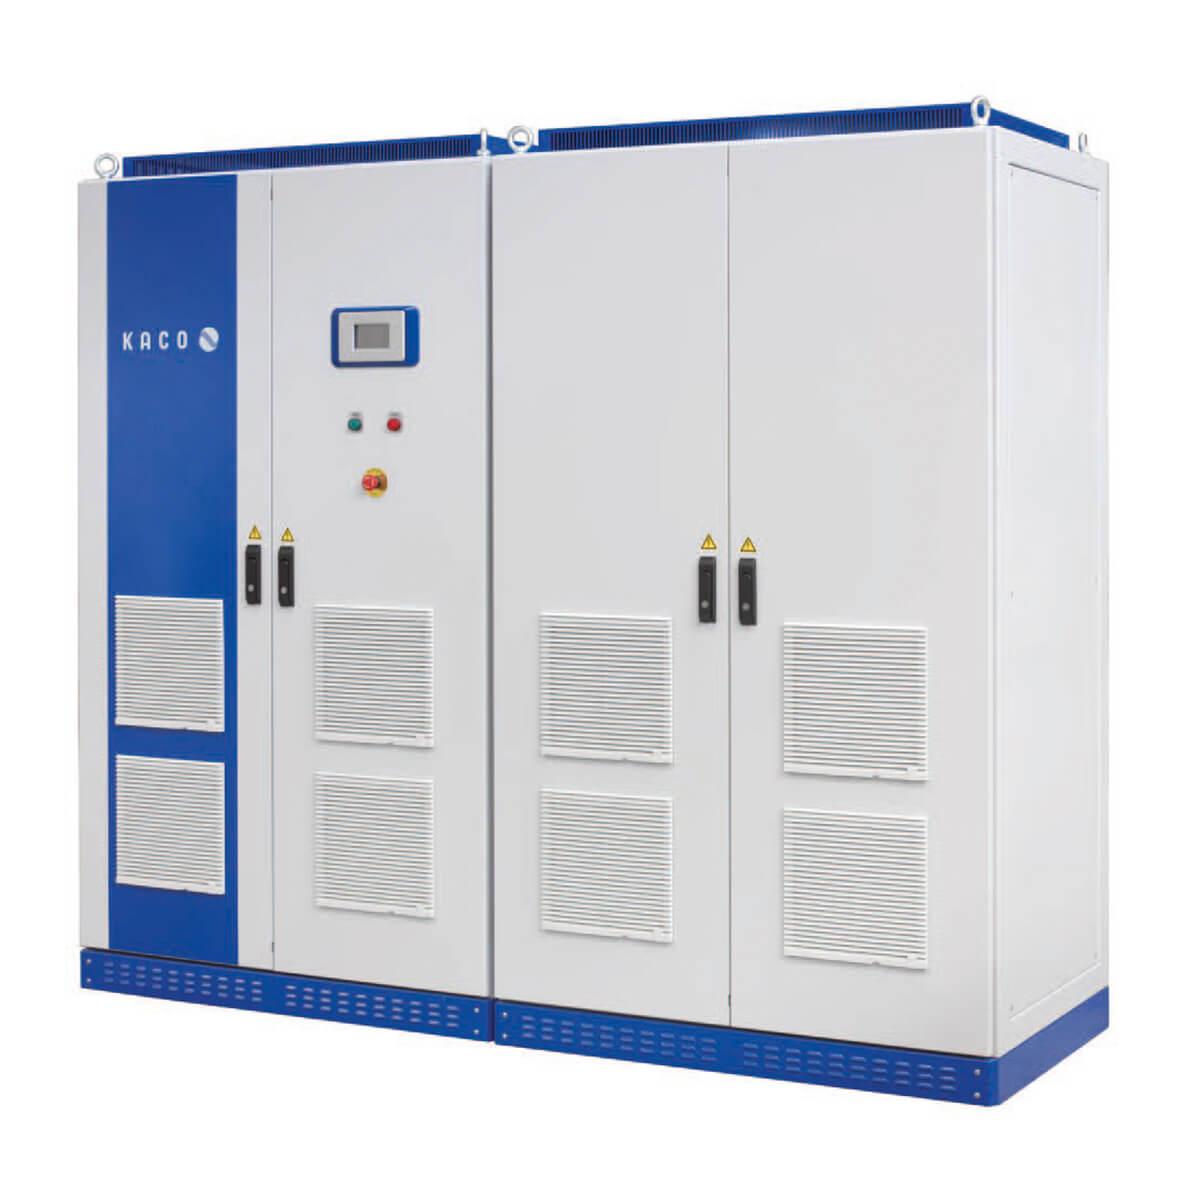 kaco 250kW inverter, kaco powador 250kW inverter, kaco powador xp250hv inverter, kaco powador xp250hv, kaco powador 250 kW